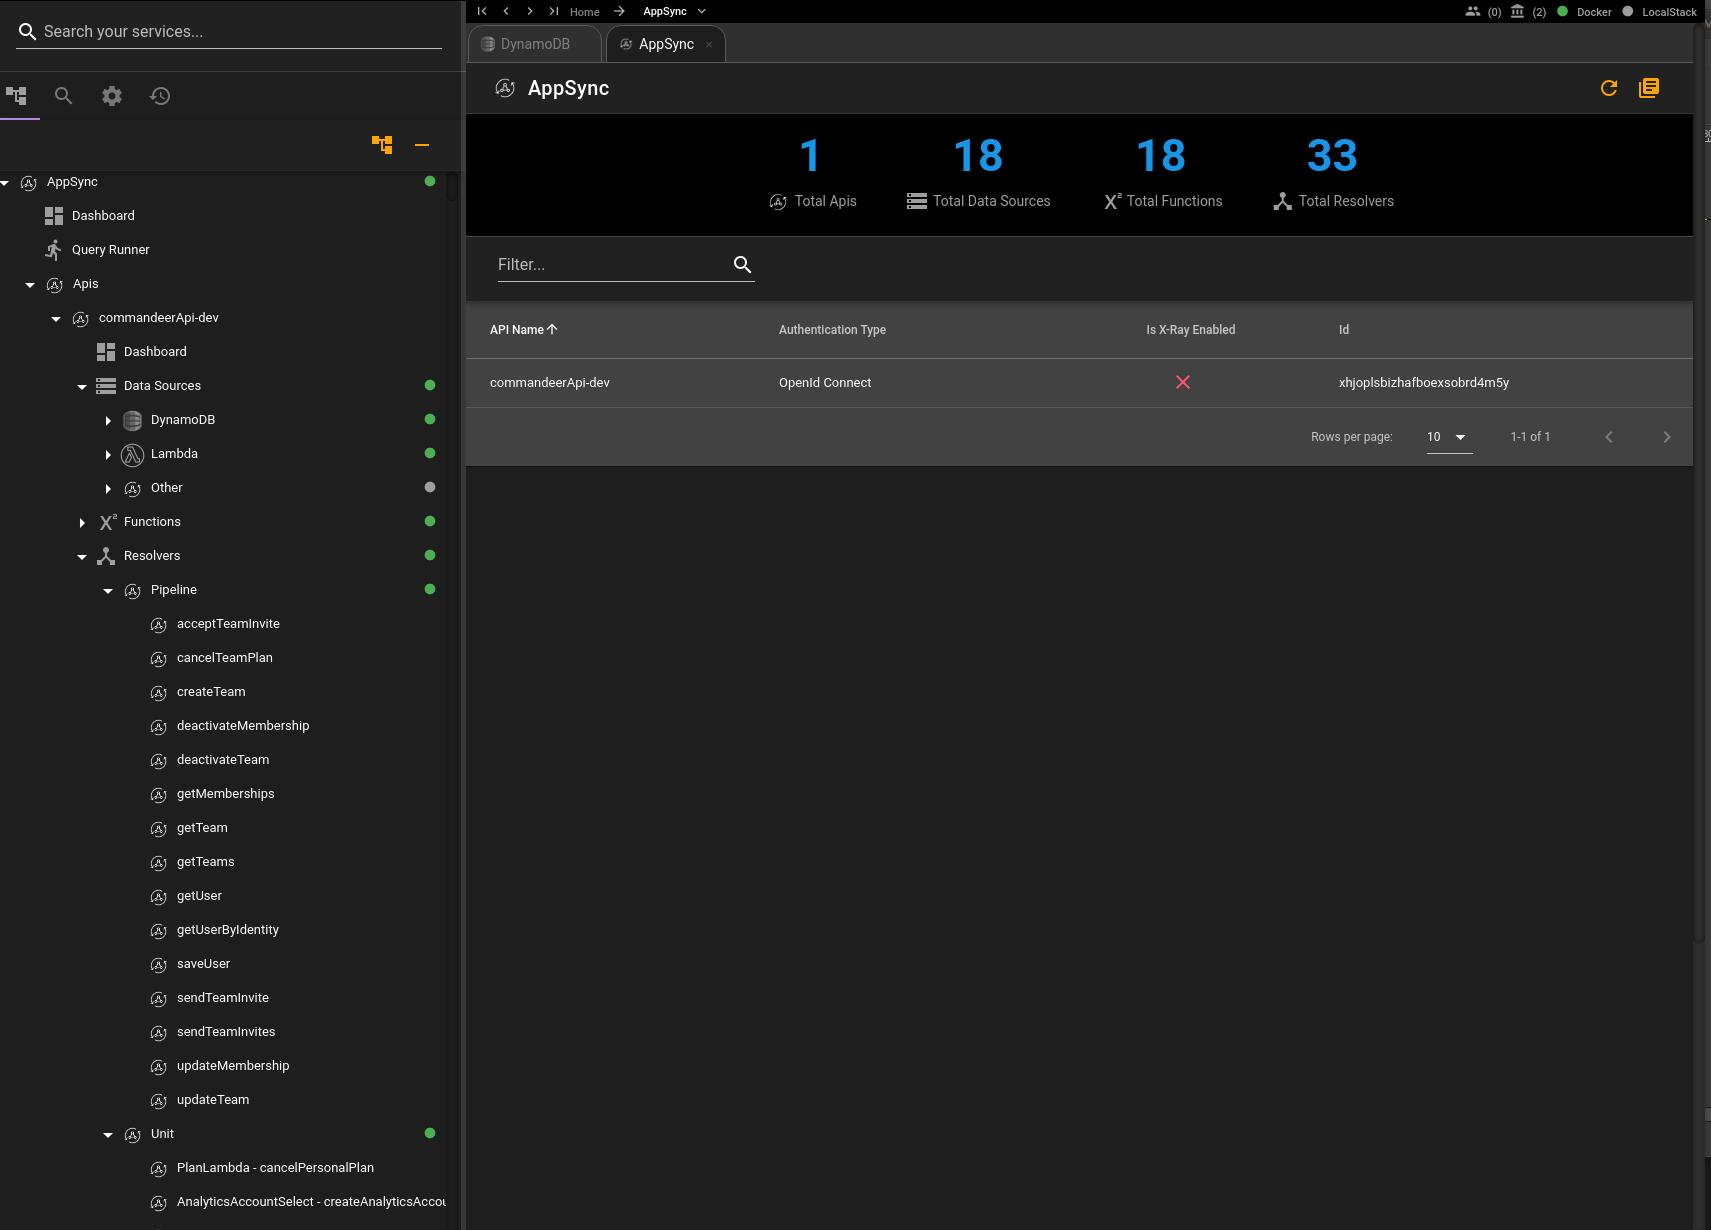 AppSync Dashboard